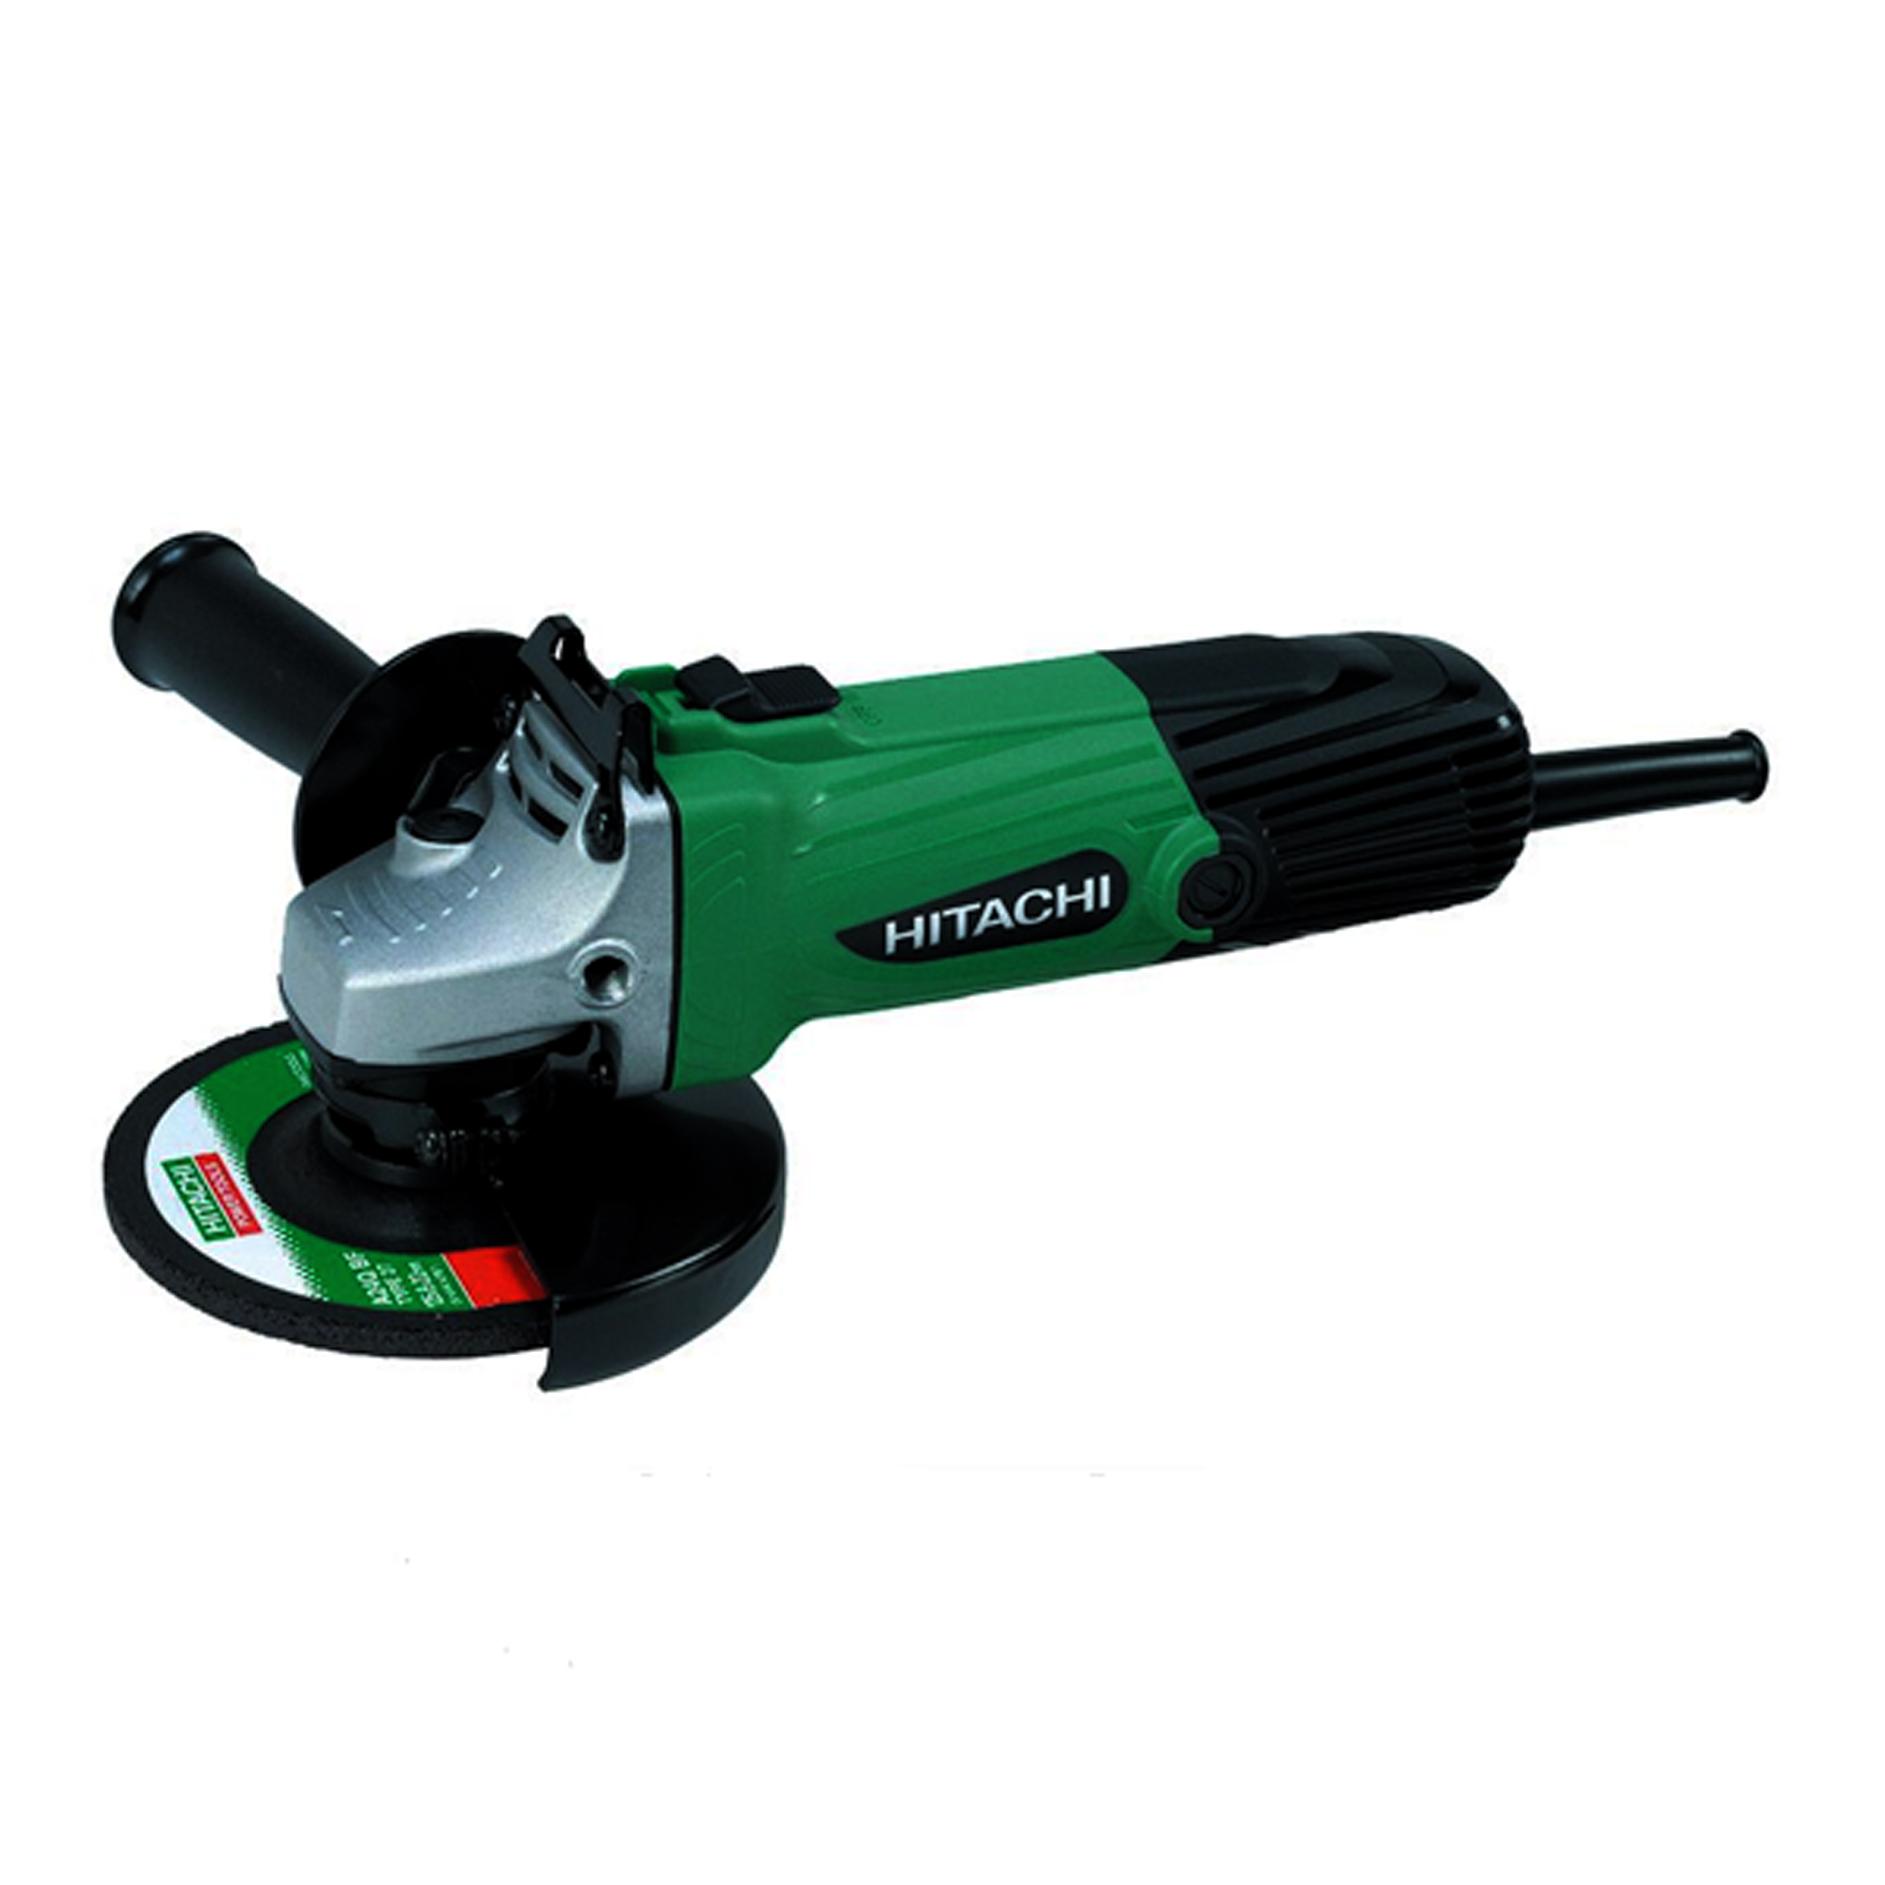 Harga Jual Hitachi G13ss 5 Inch Mesin Gerinda Tangan Hand Pipe Bender Krisbow 3 8 7 8in Kw1500520 Info Lainnya